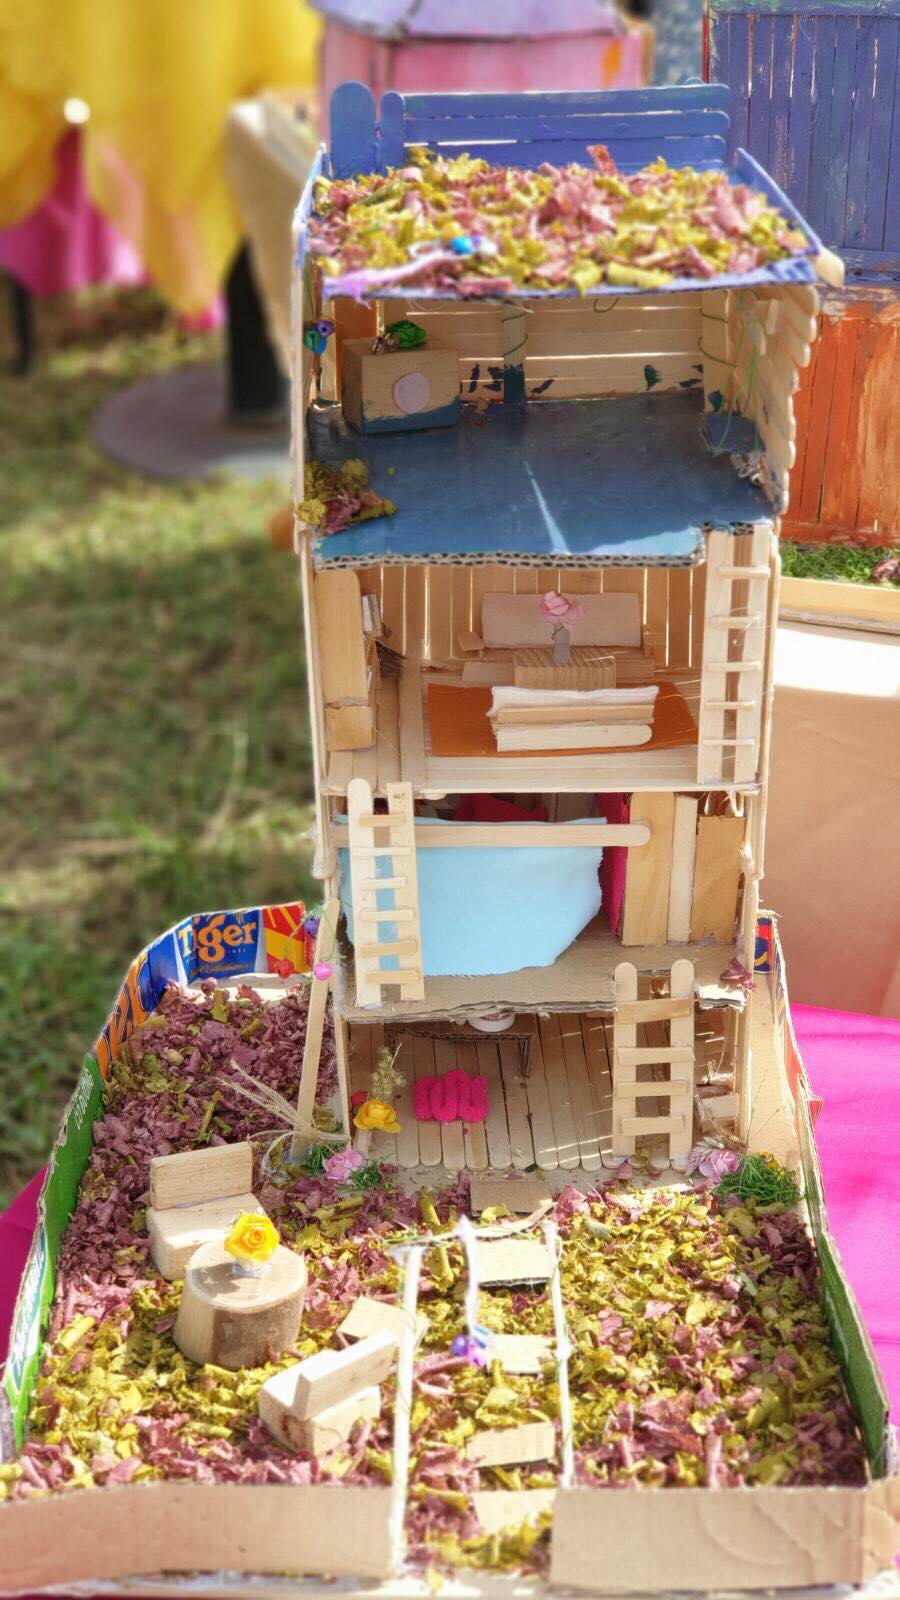 Ngôi nhà tí hon mà cô bé học sinh lớp Ba đã 'xây cho mẹ suốt một tuần ròng rã